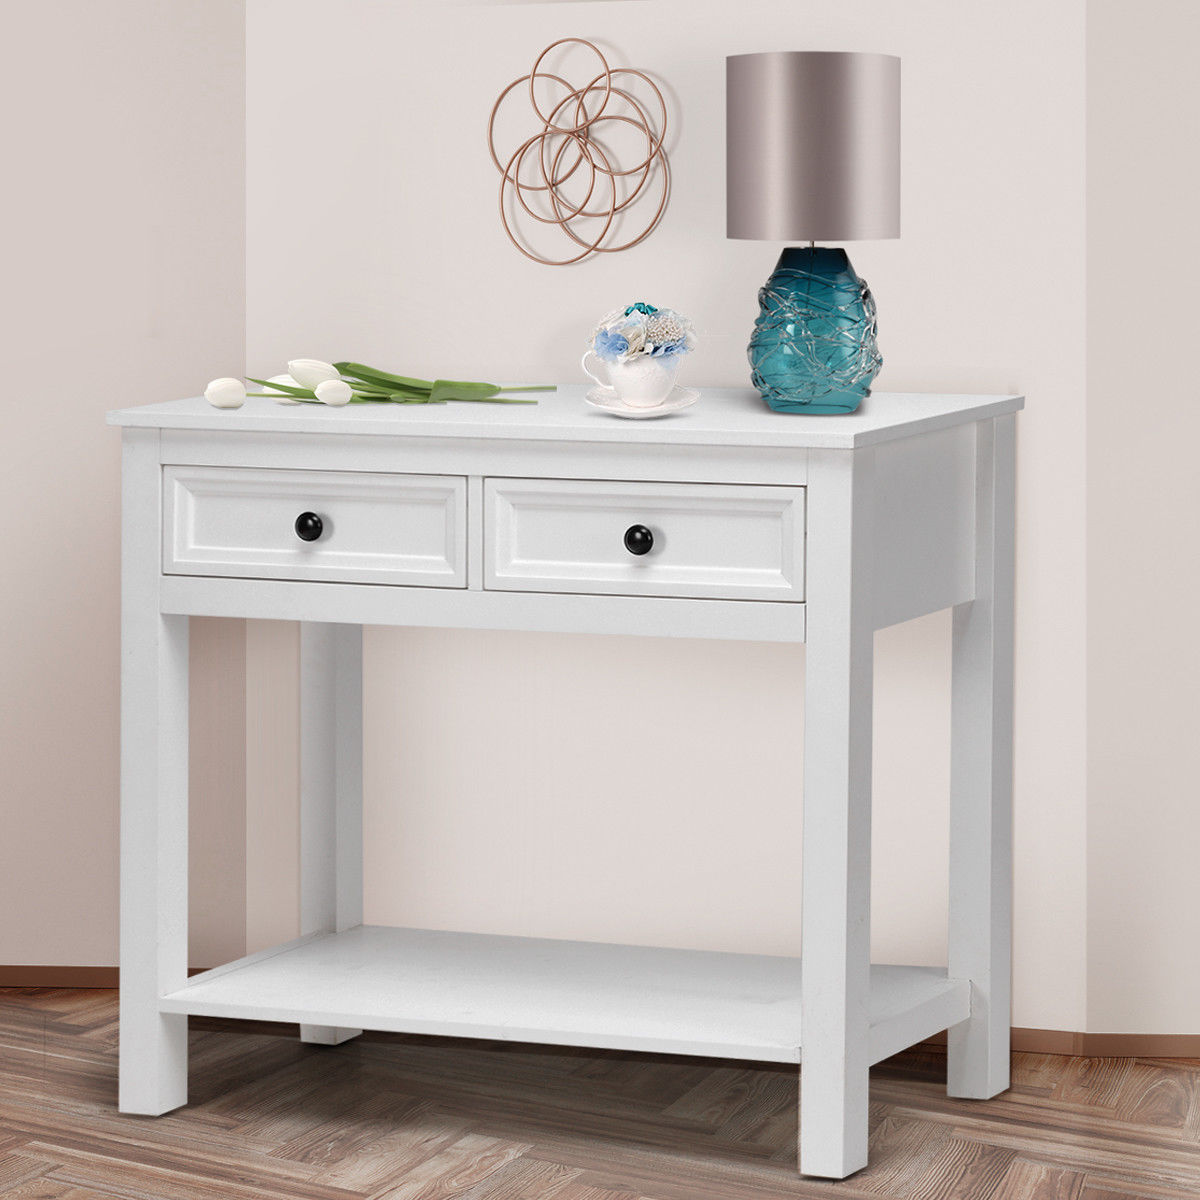 Gymax 2 Drawer Console Table Modern Sofa Entryway Hallway Hall Furniture White W/Shelf